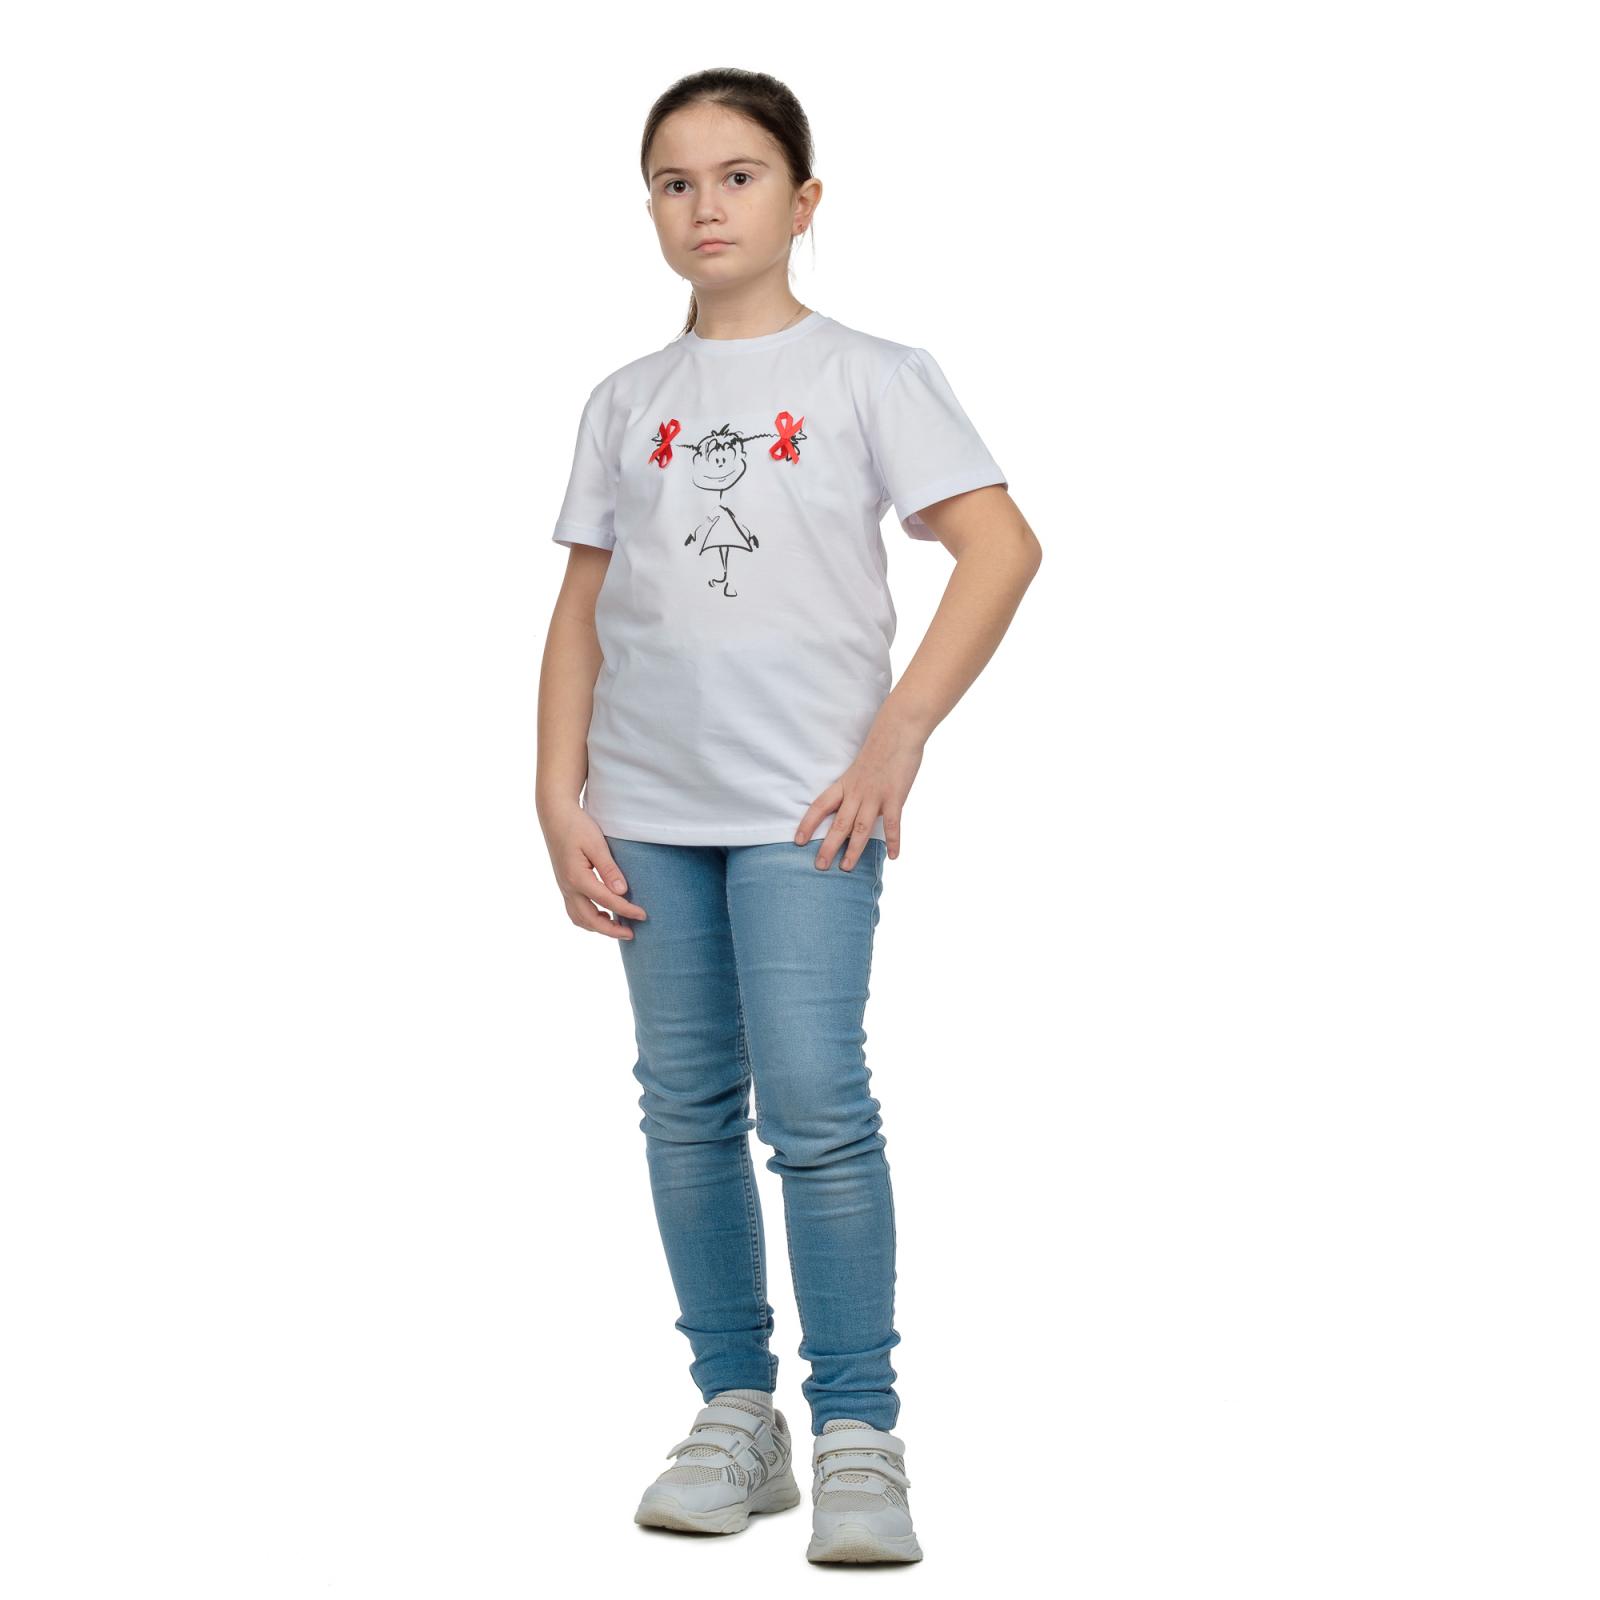 Футболка детская (белая) принт Девочка Д-0001Б